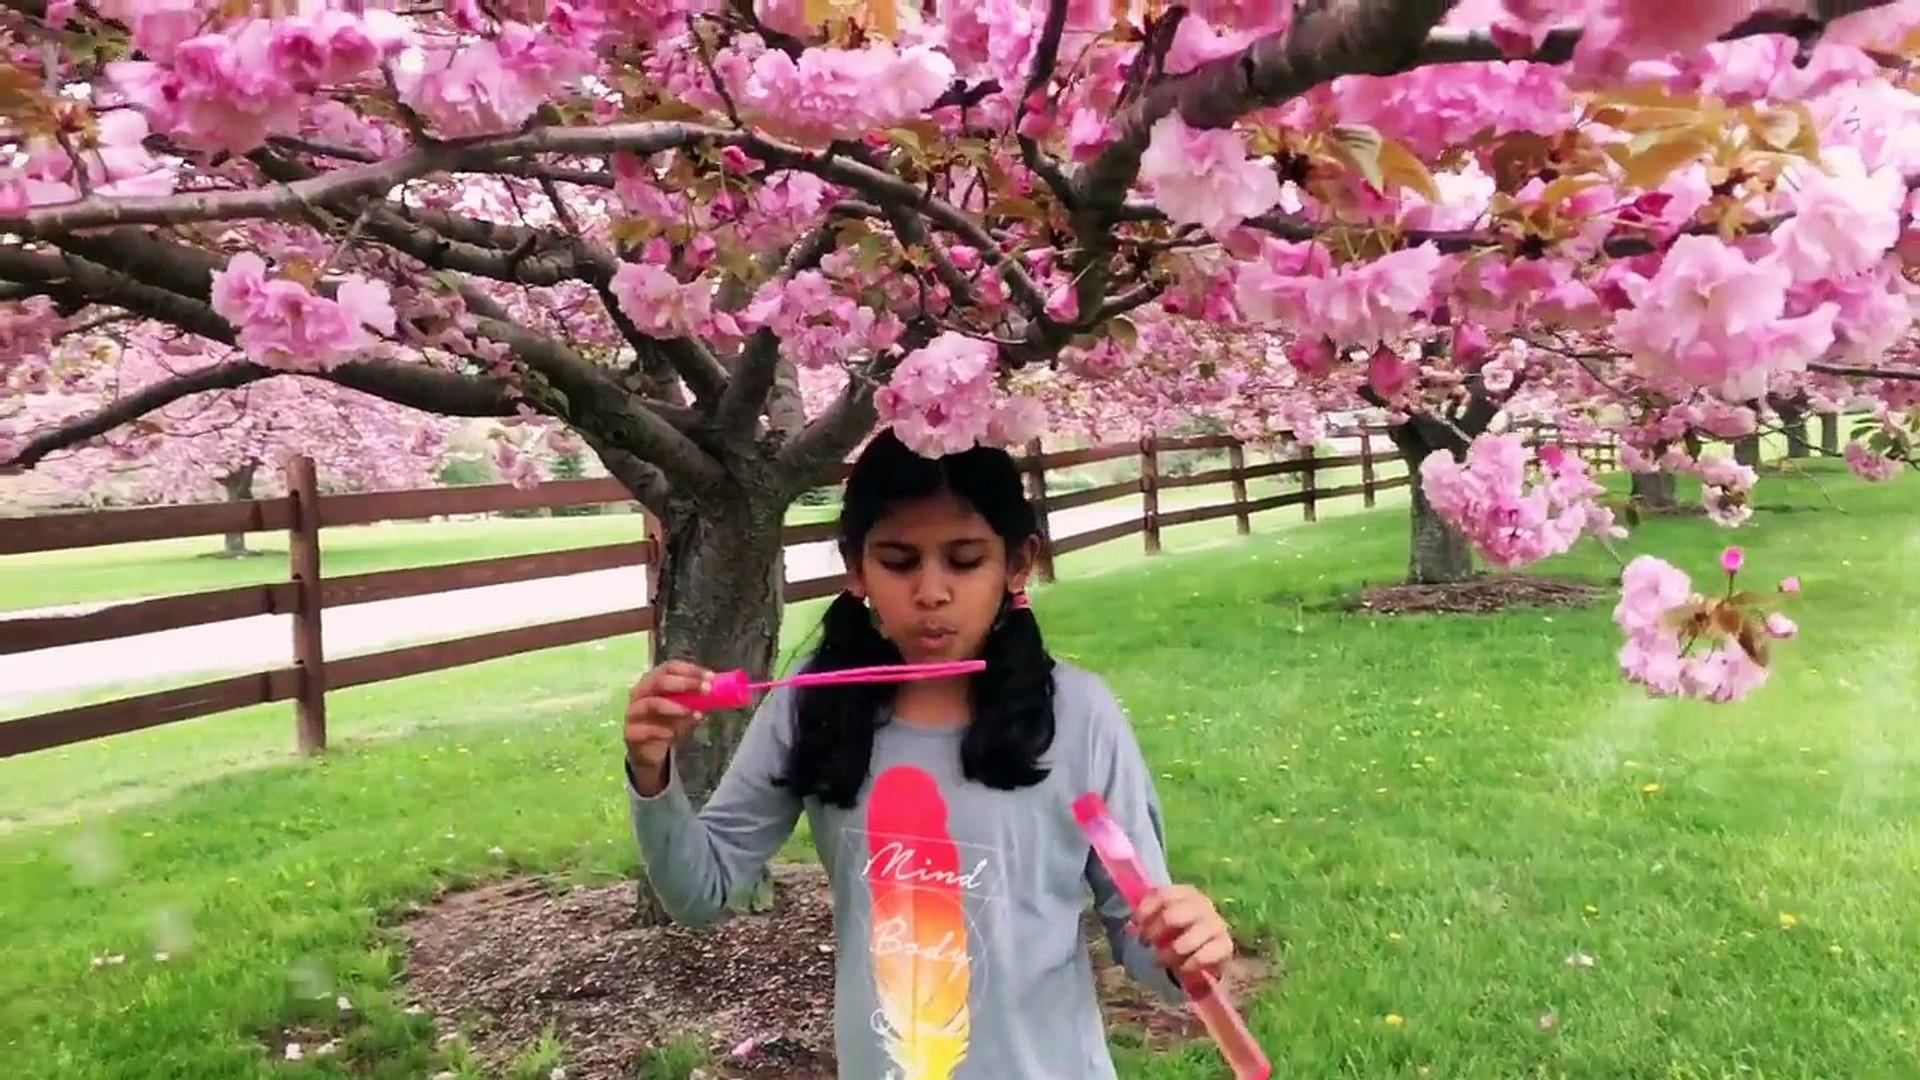 Kids bubble fun | Kids Fun time | Kids playing bubbles